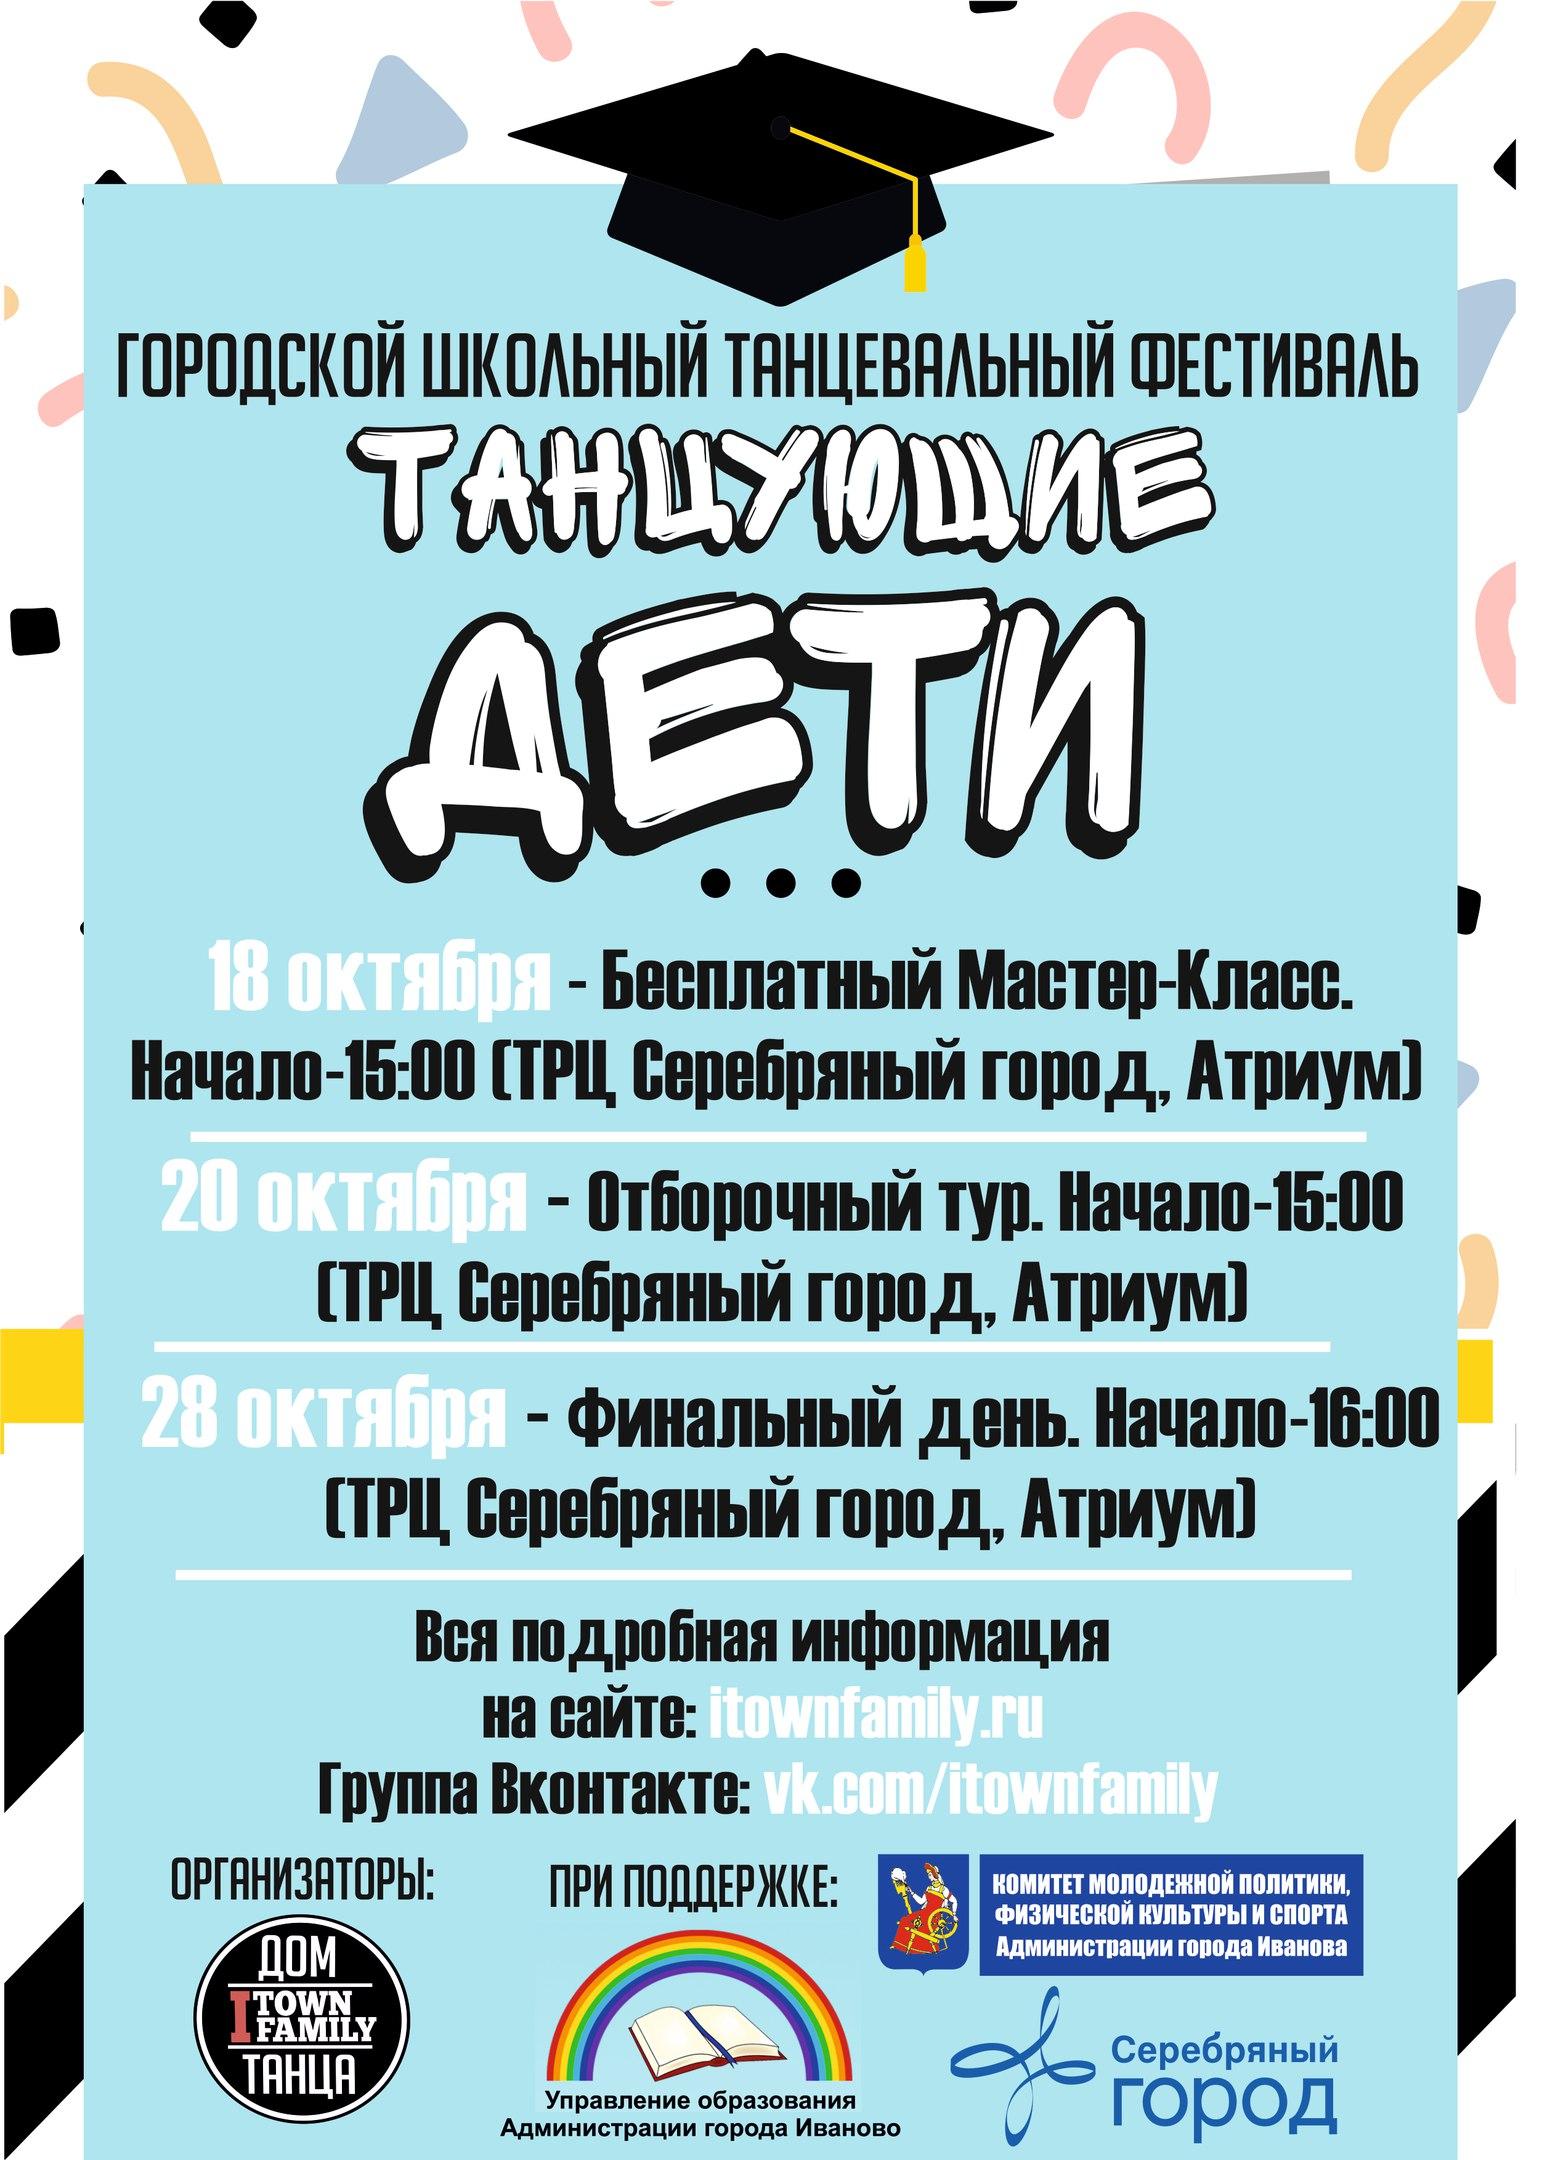 Расписание мероприятия